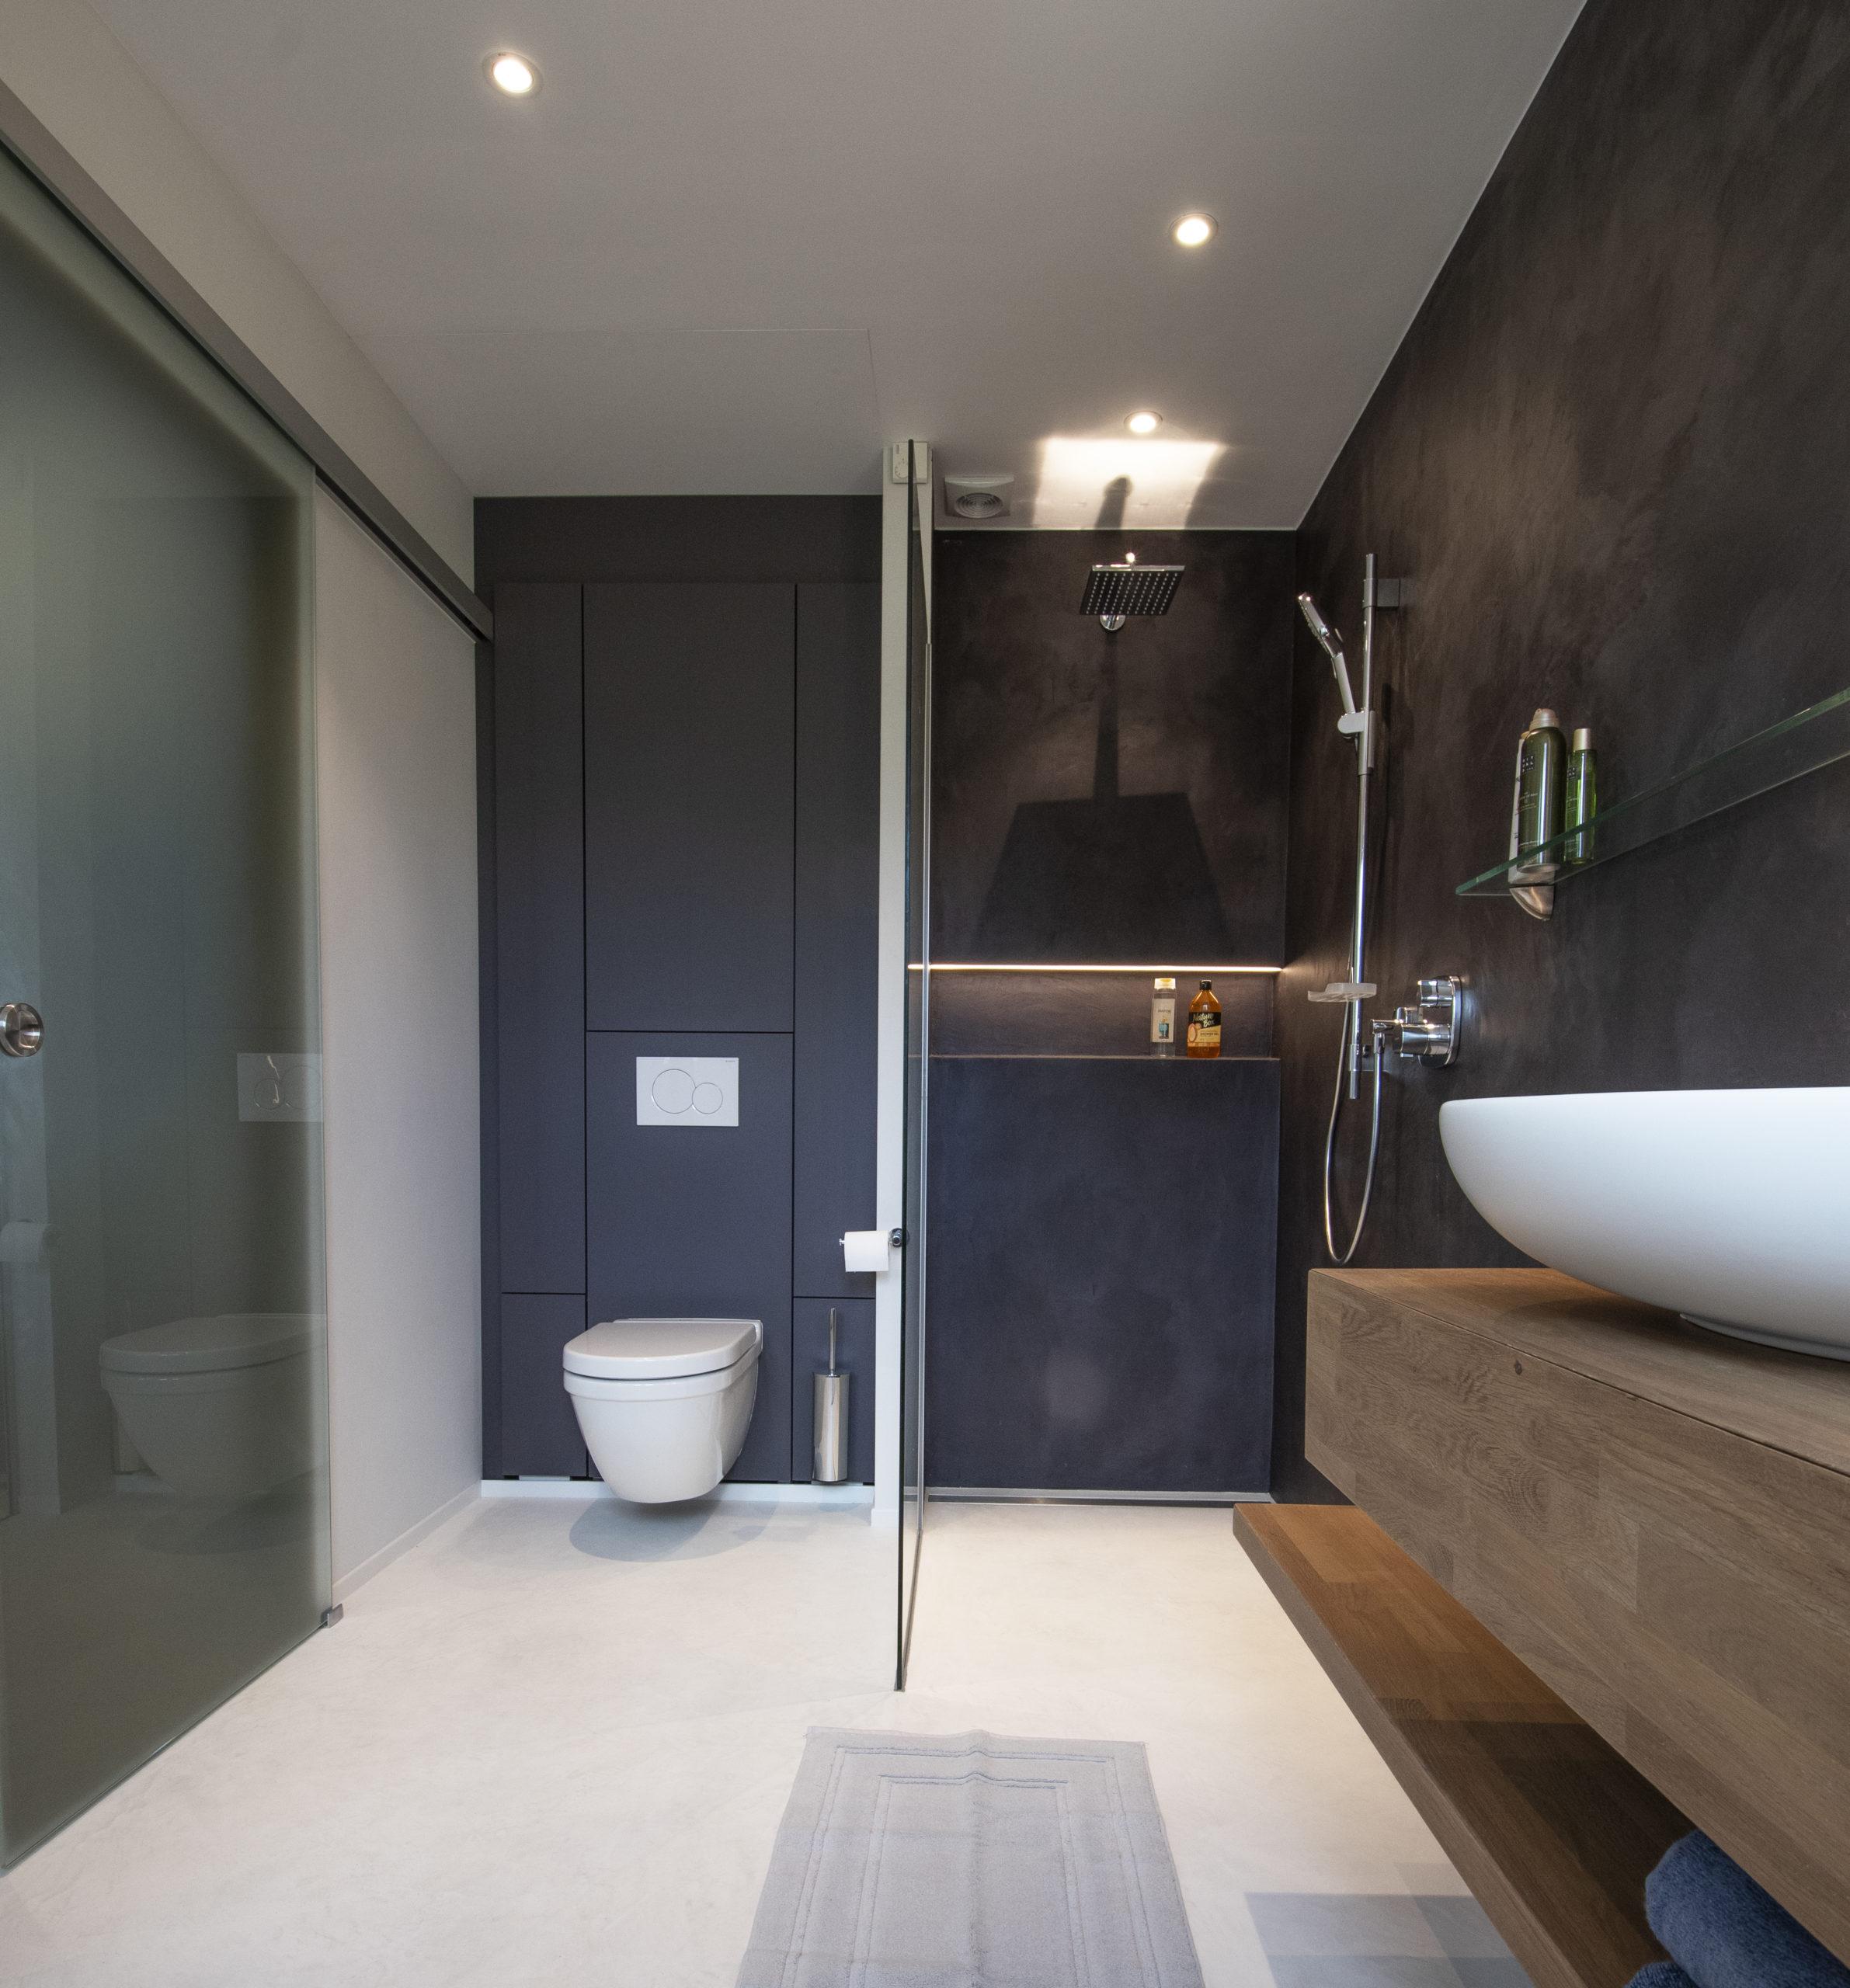 intégration wc/porte verre coulissante/mortex sol et murs douche